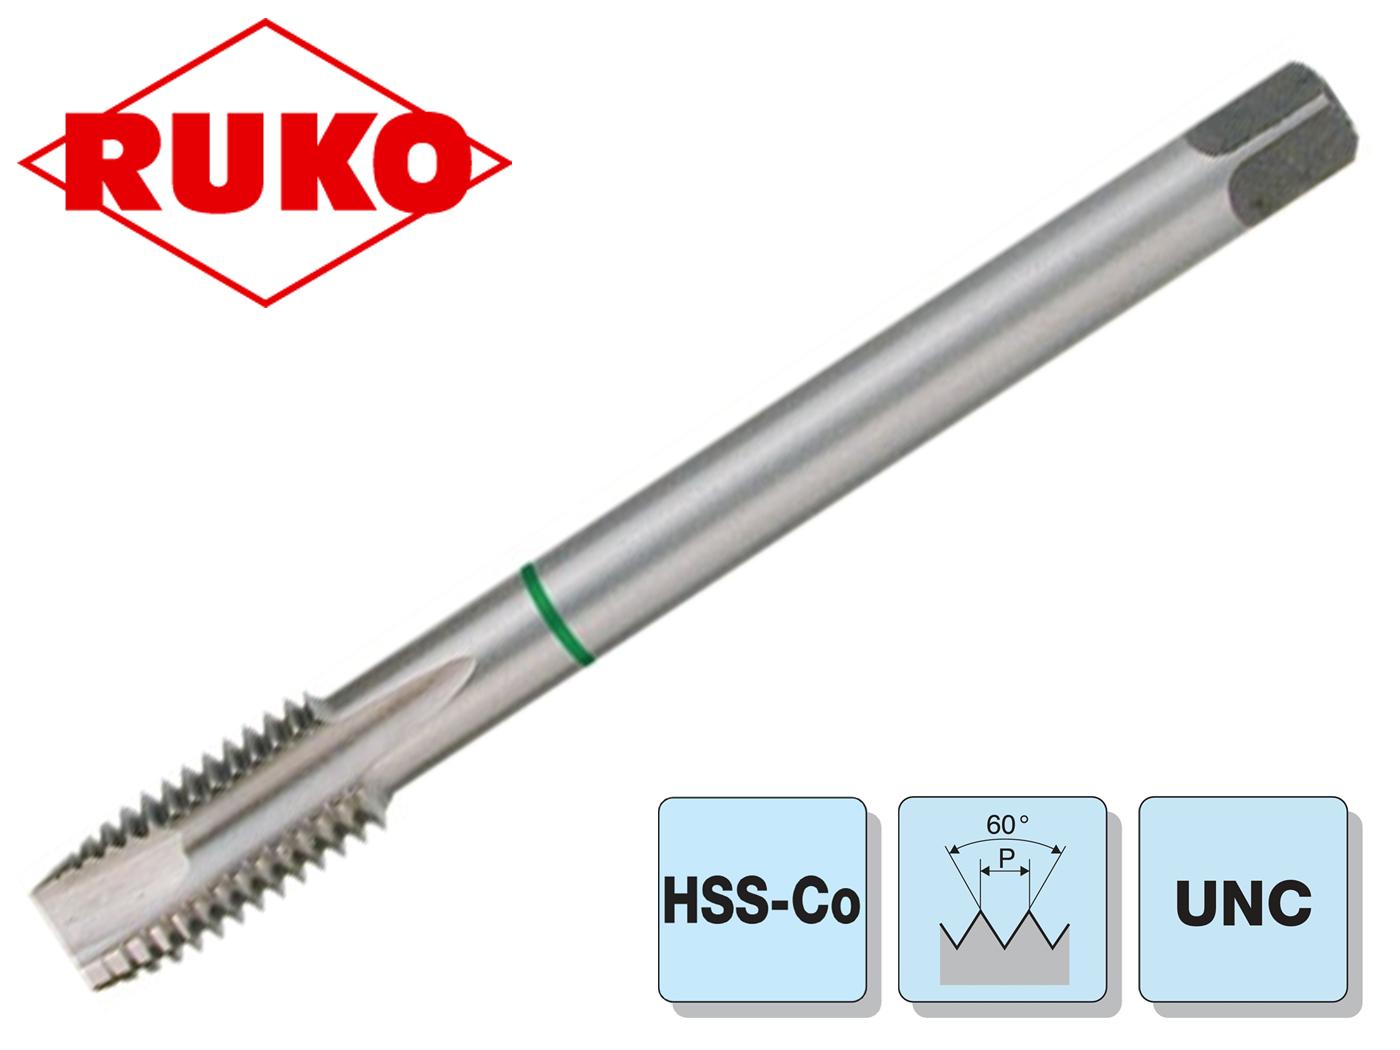 Machinetappen UNC DIN 2183. B HSSE Co 5 geslepen | DKMTools - DKM Tools